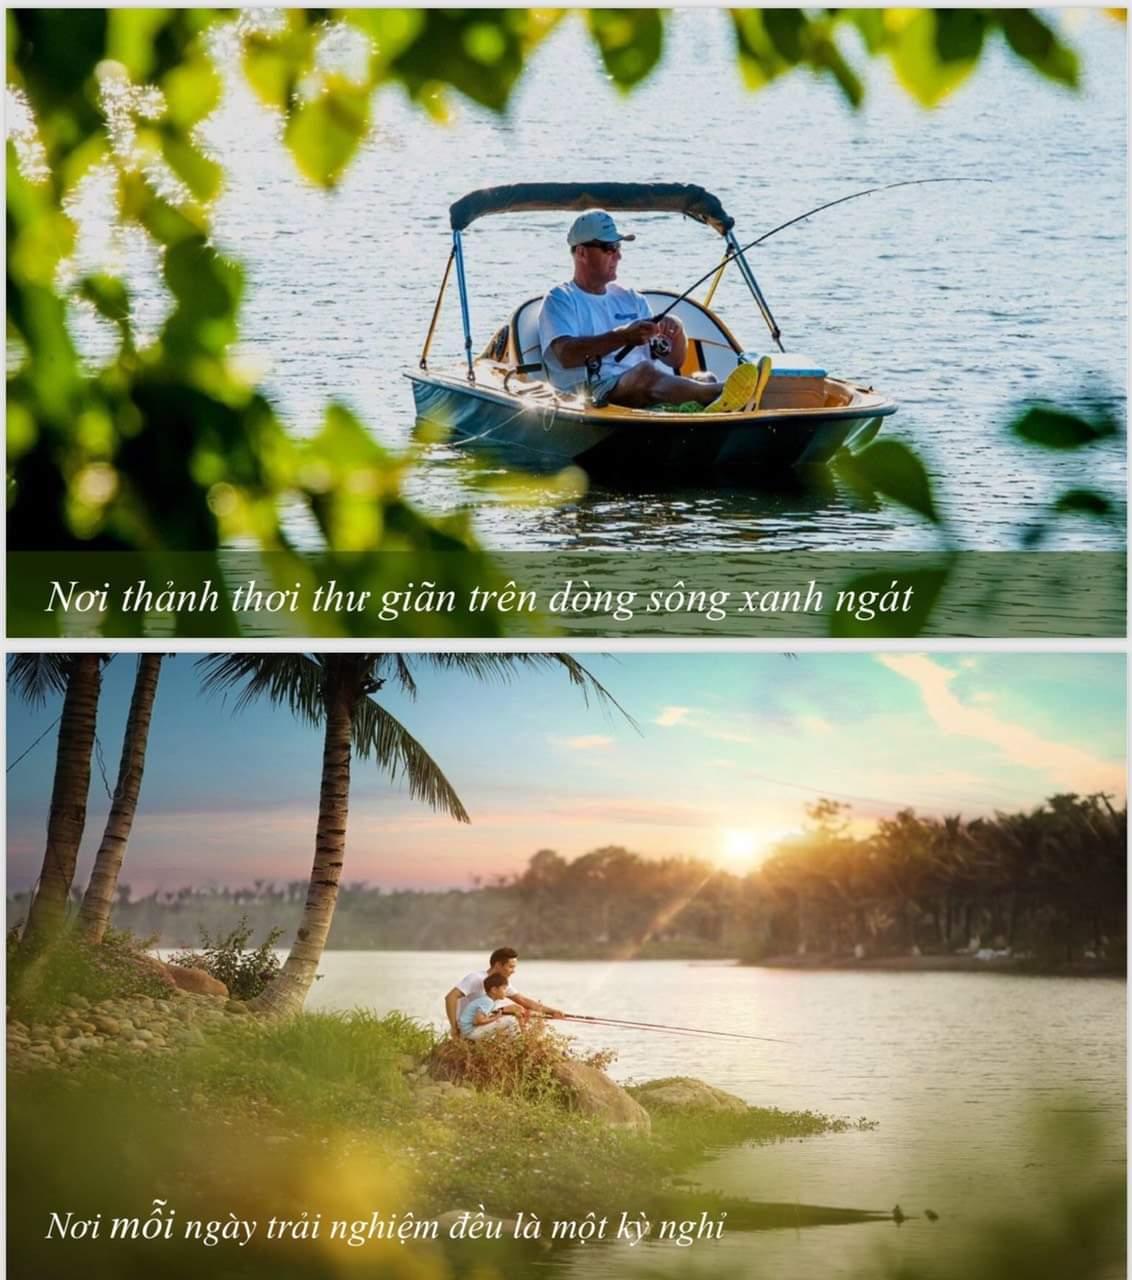 6 Saigon Garden Riverside Village - Hình thức sở hữu lâu dài, biệt thự nhà vườn nghỉ dưỡng